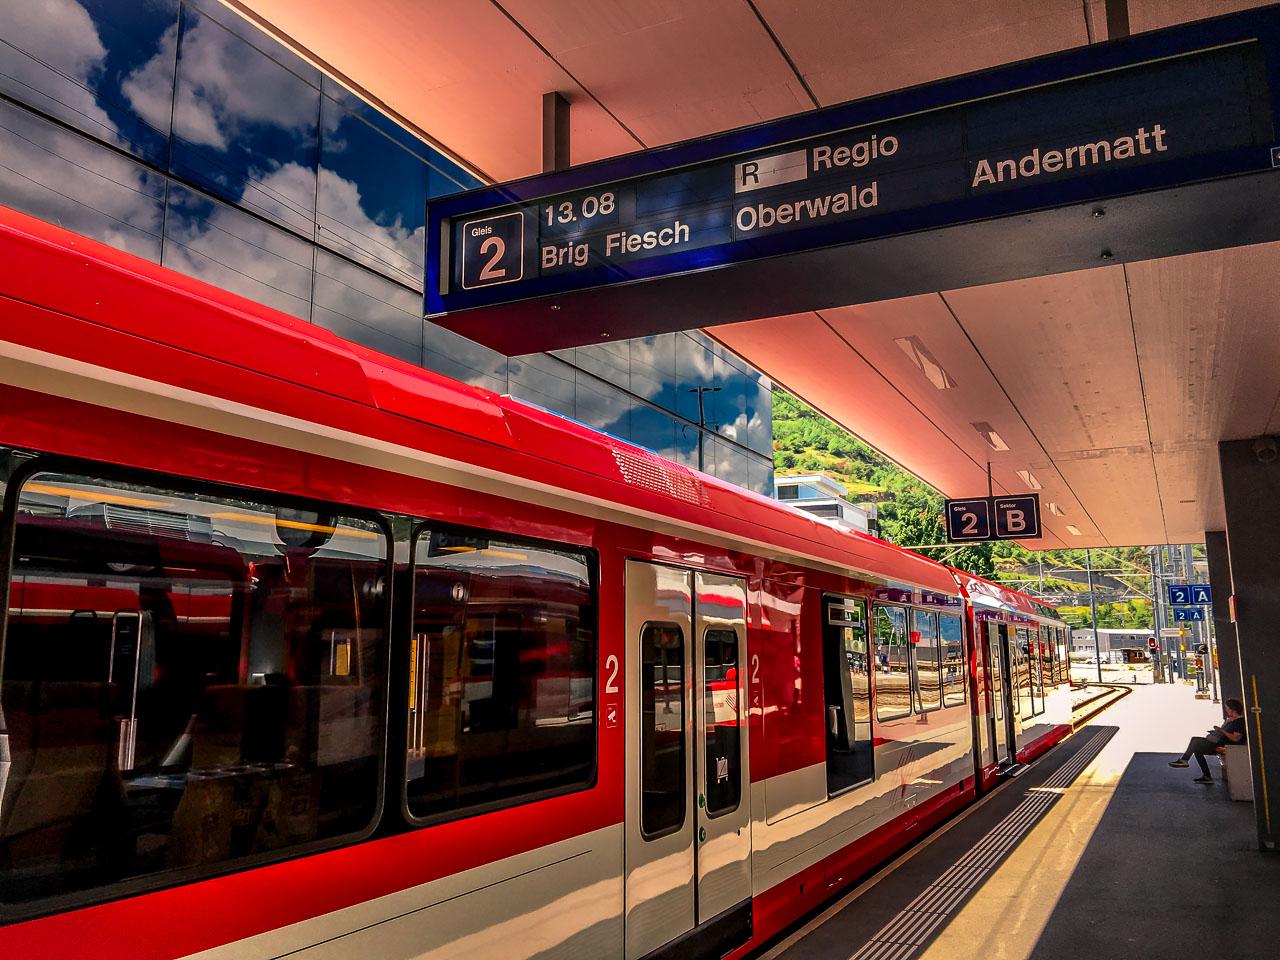 Zug Zermatt Sankt Moritz